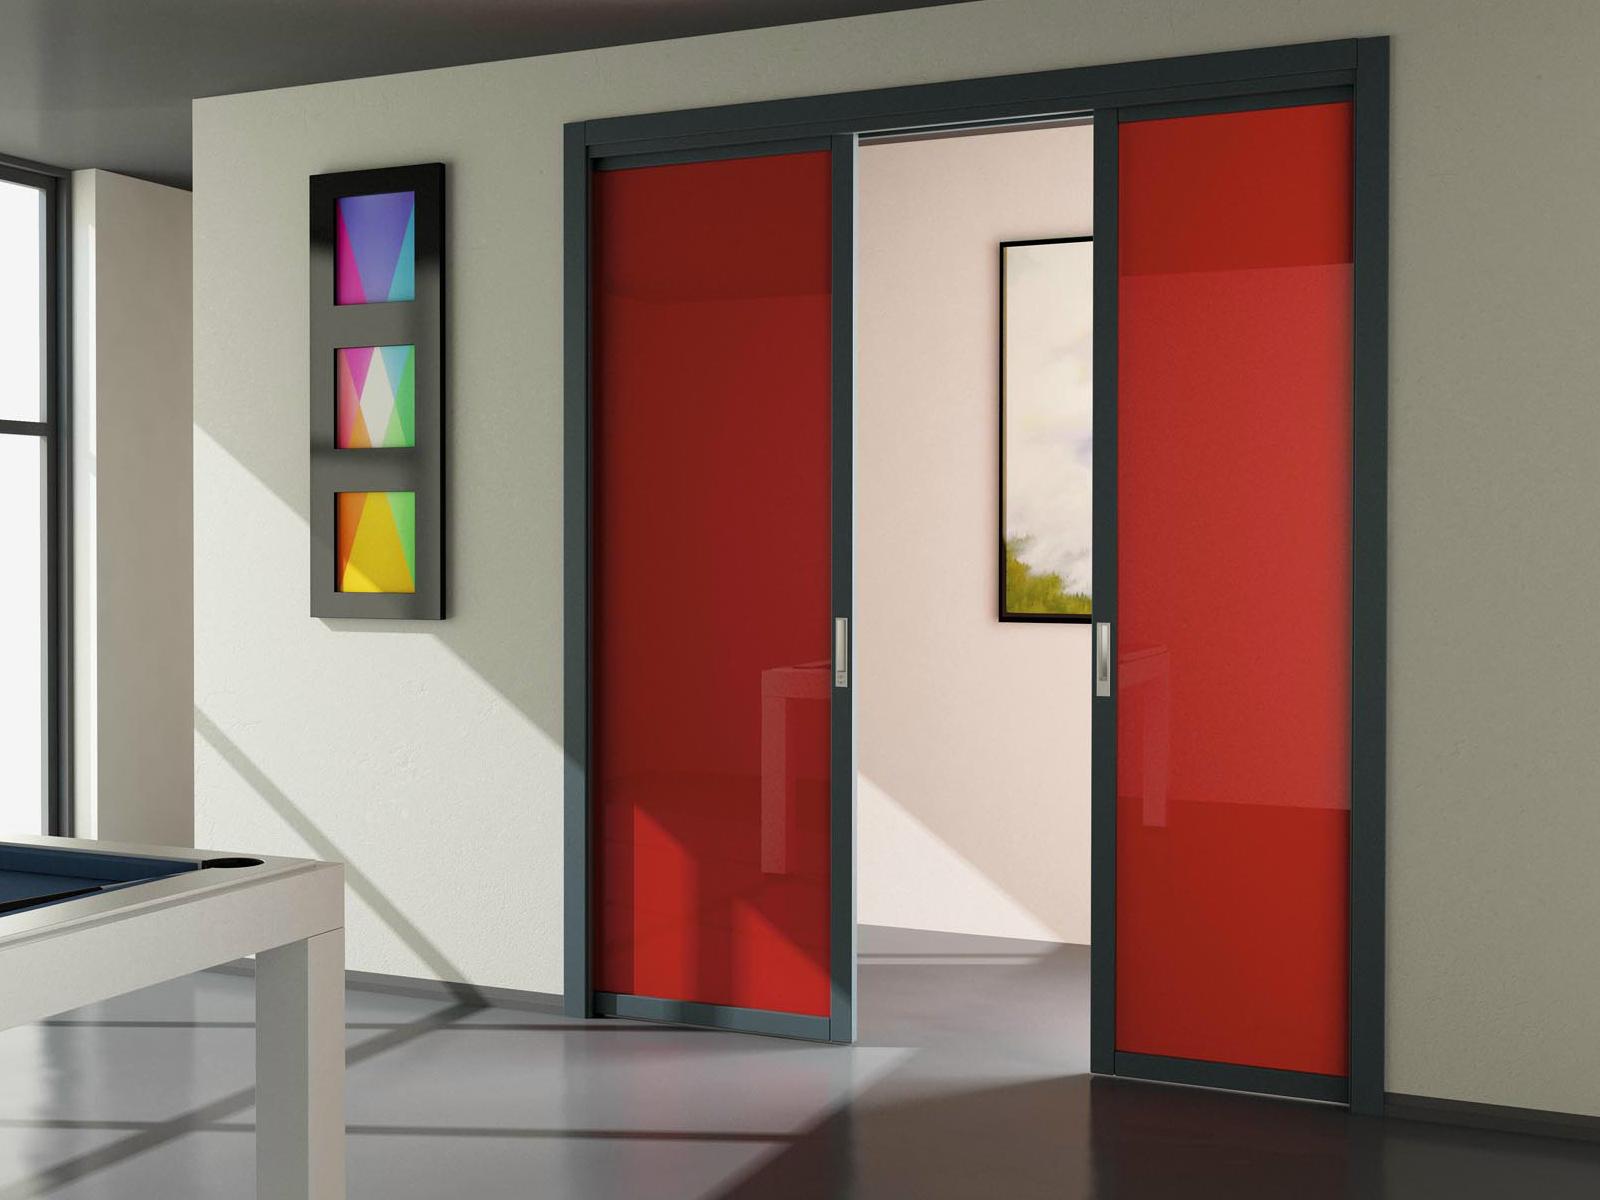 Puertas corredizas consejos y ventajas decocasa for Puerta corrediza pvc